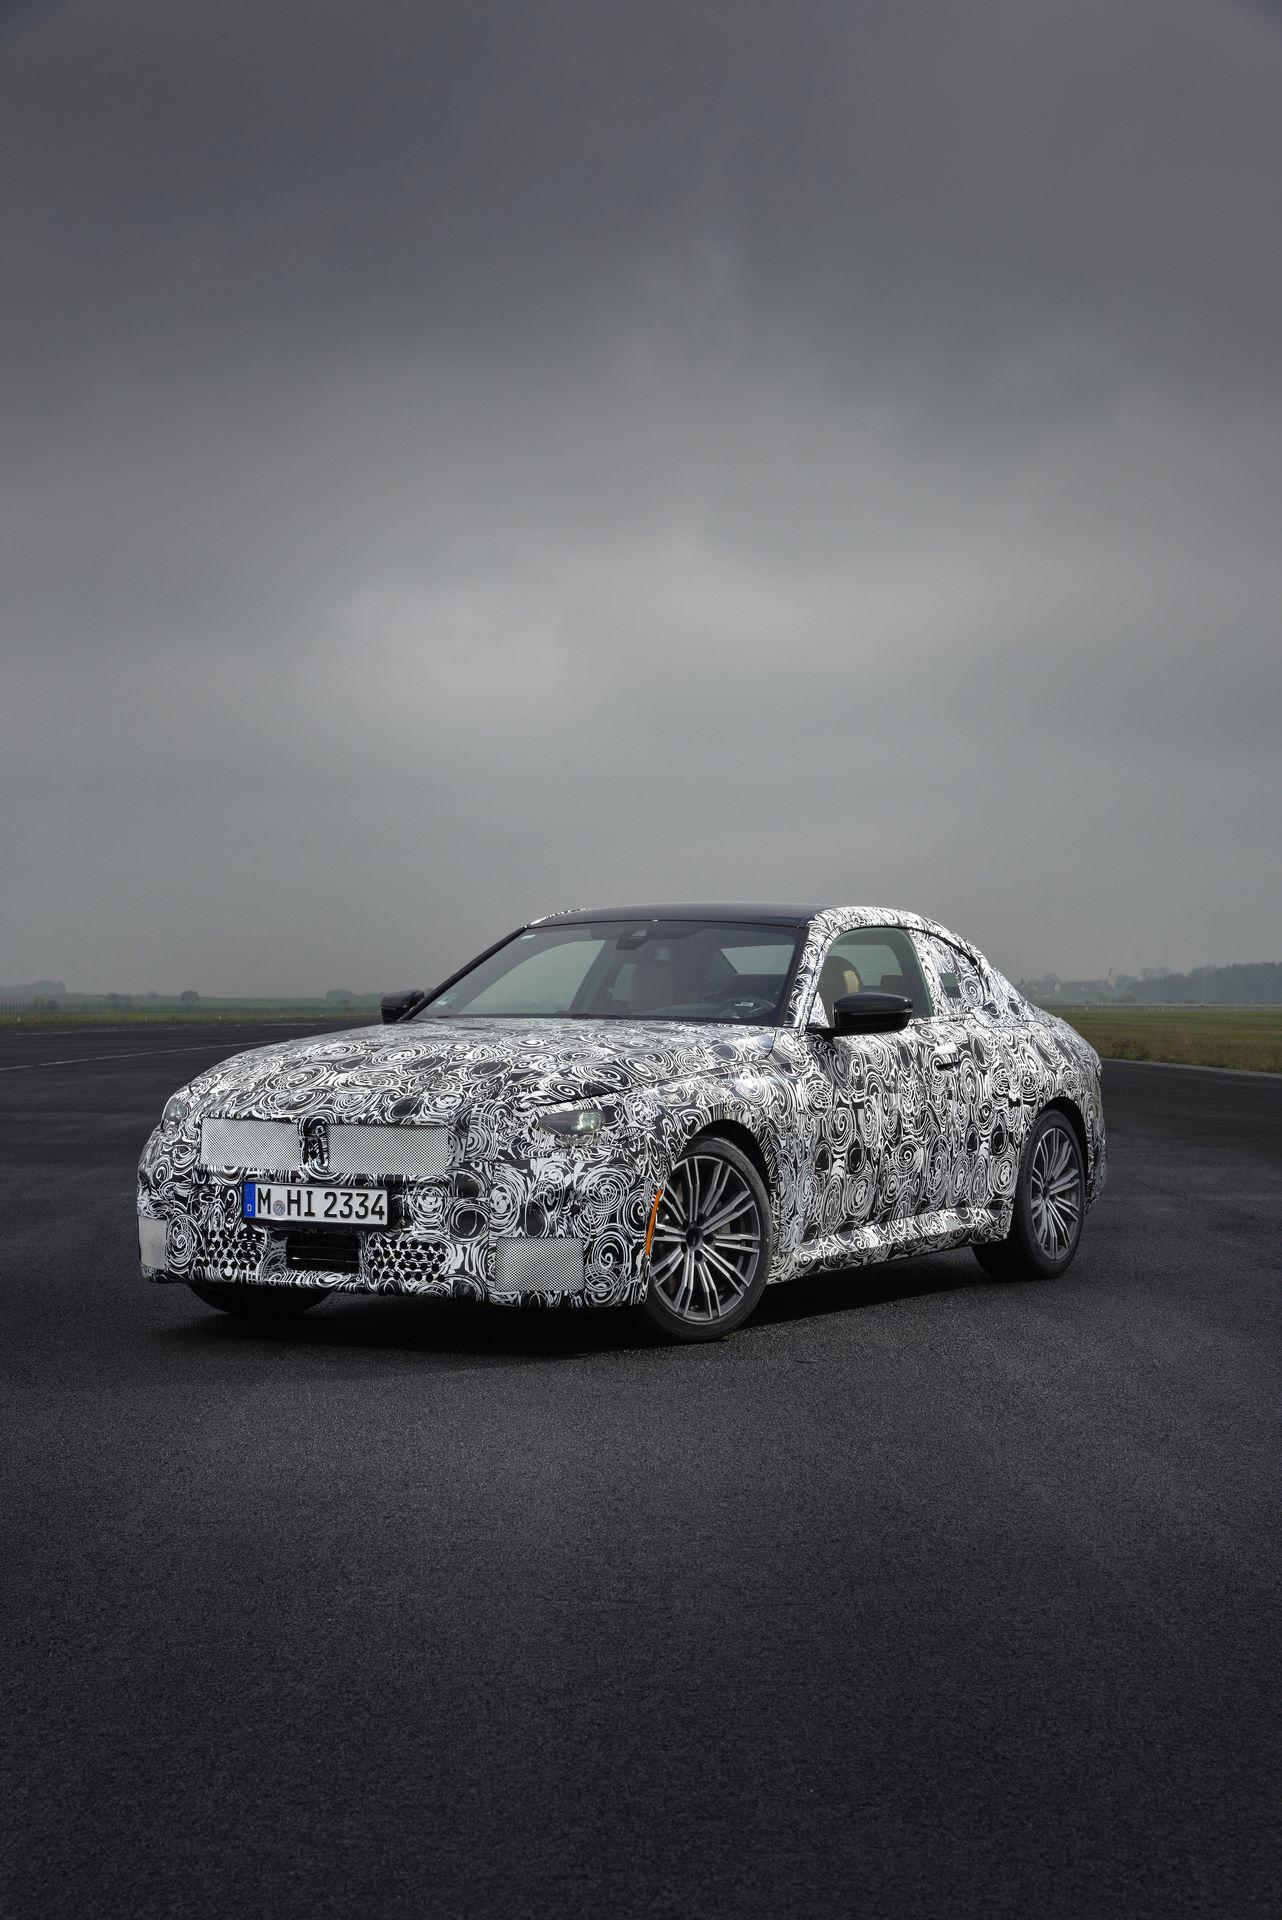 BMW-2-Series-M240i-spy-photos-47